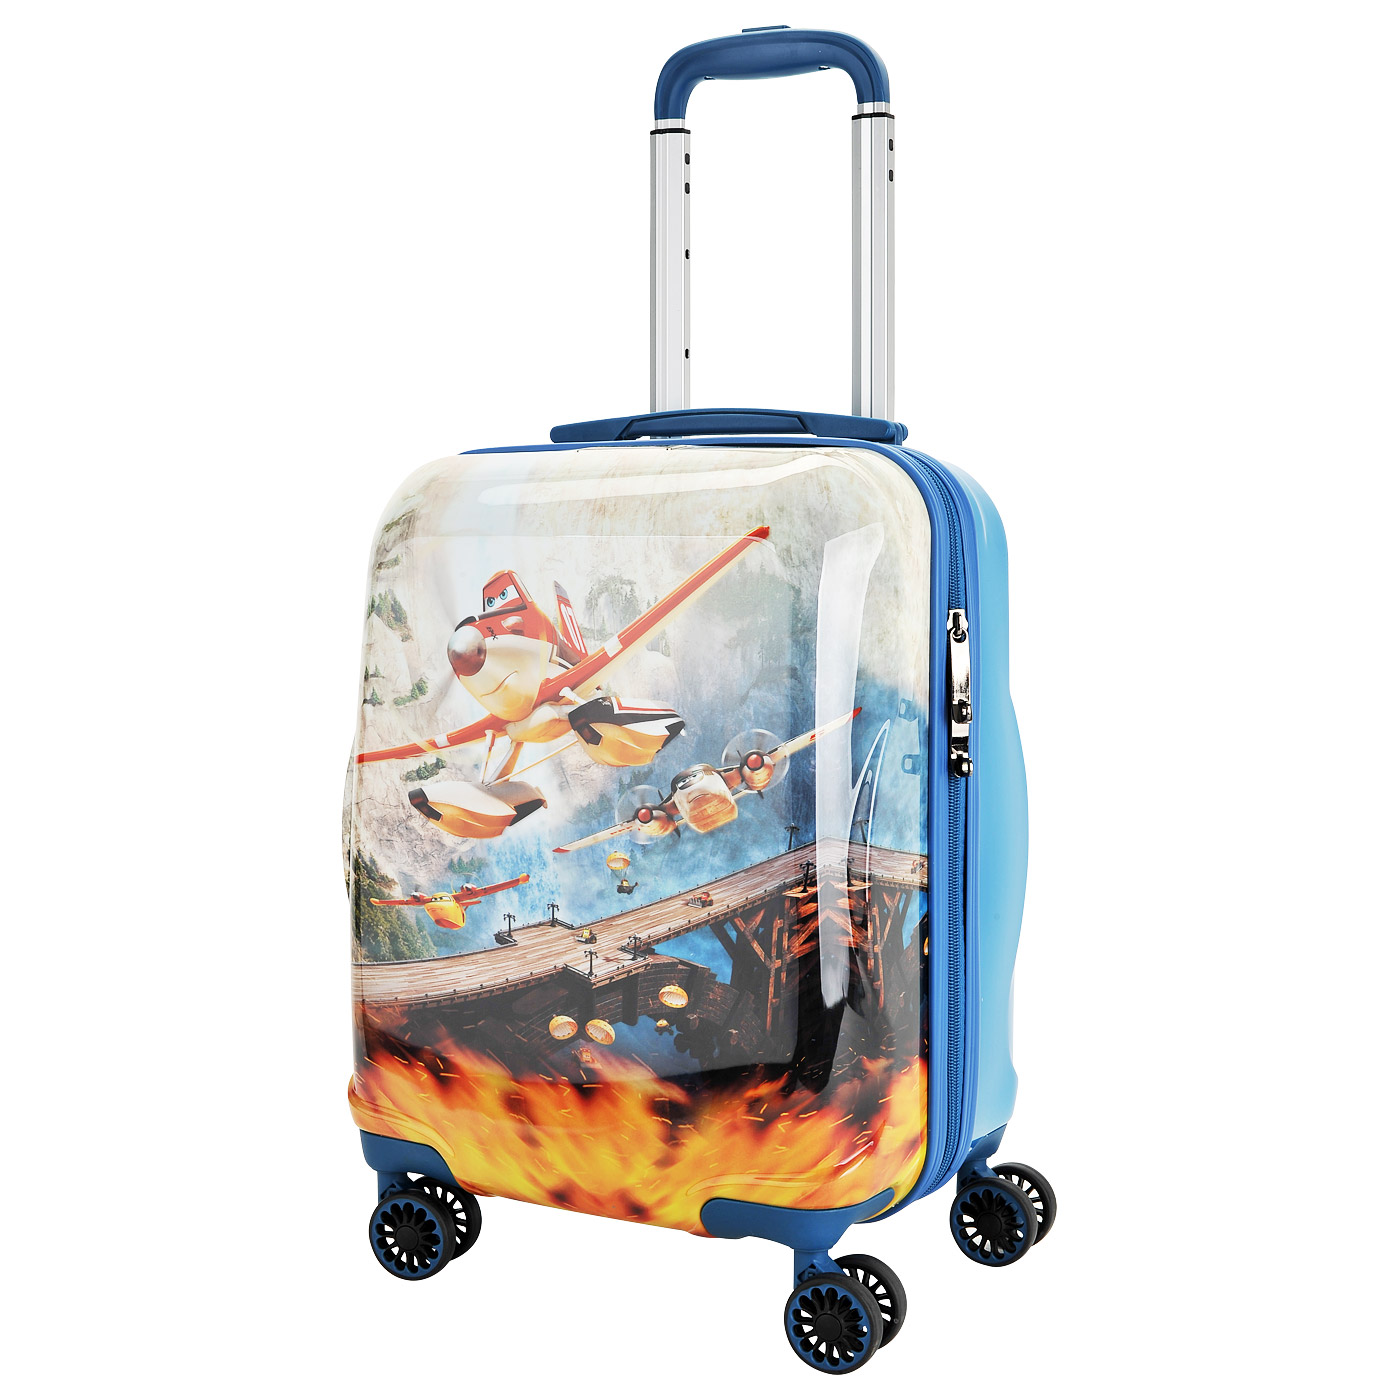 Купить детский чемодан на колесах интернет магазине